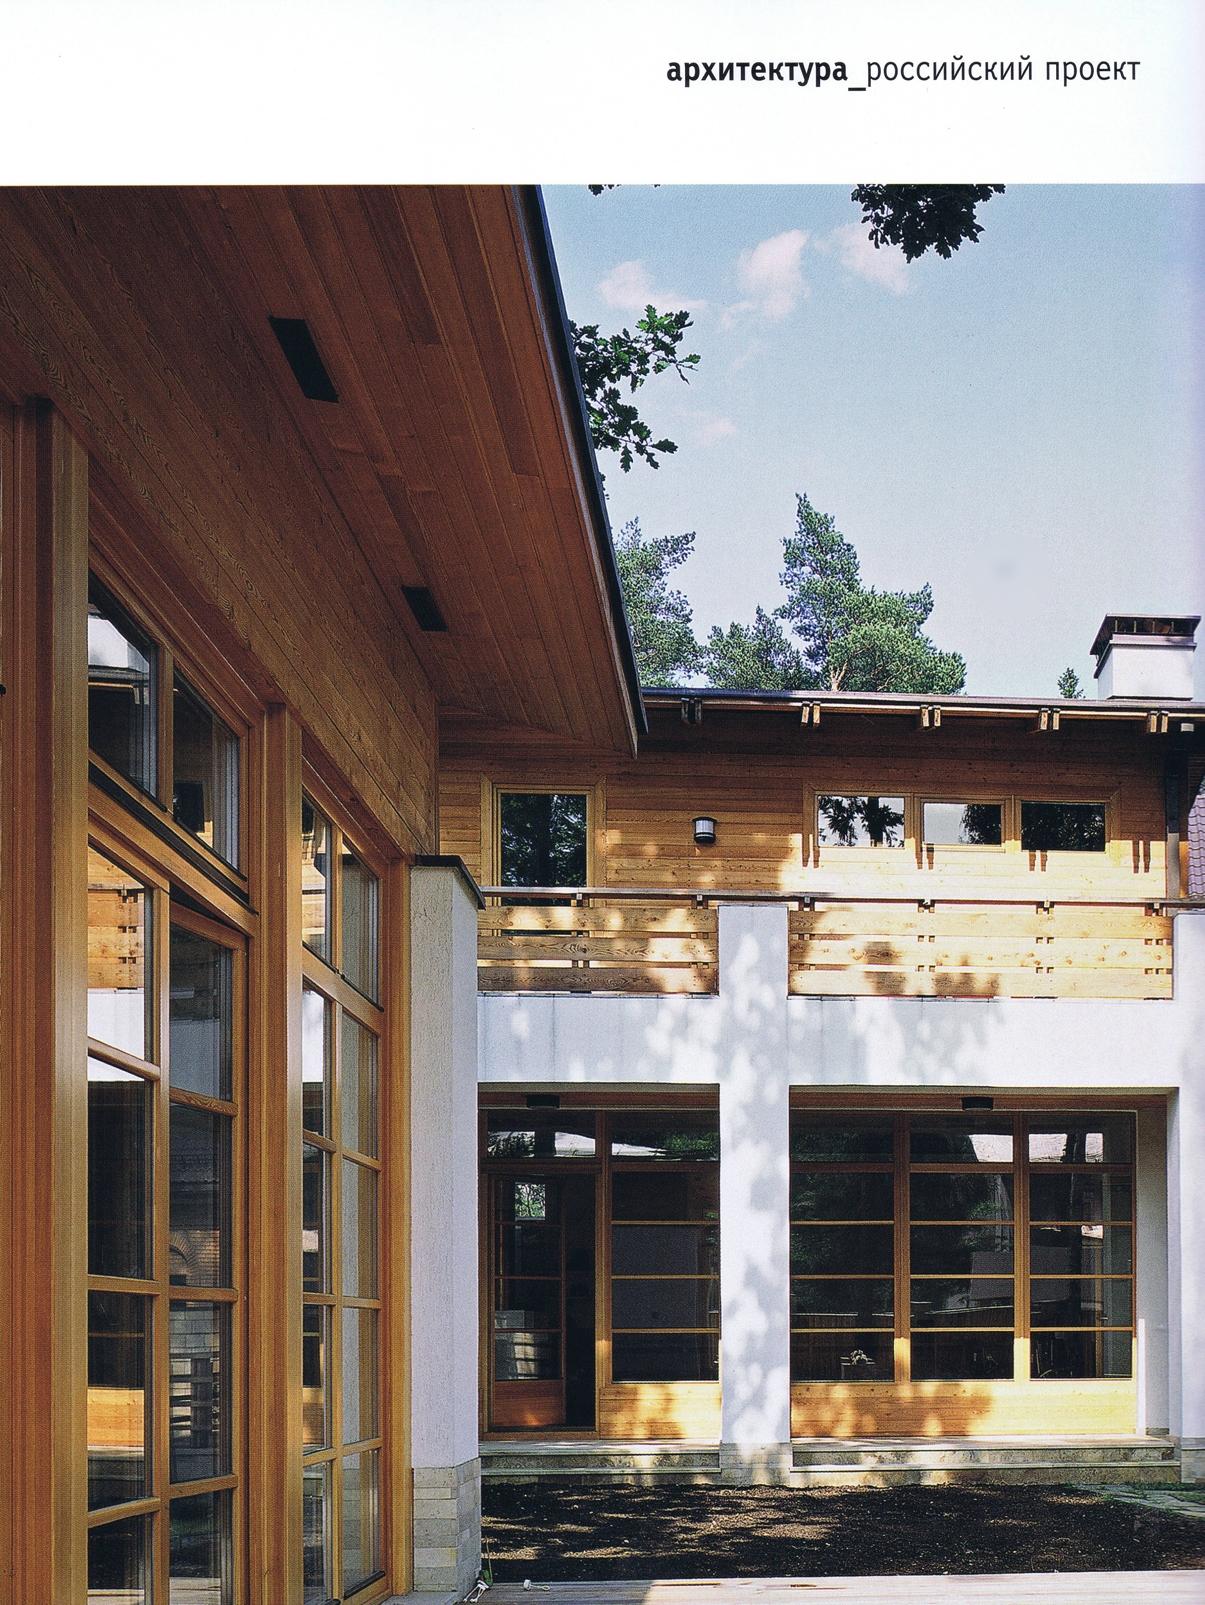 Загородный дом октябрь 2007_(02).jpg